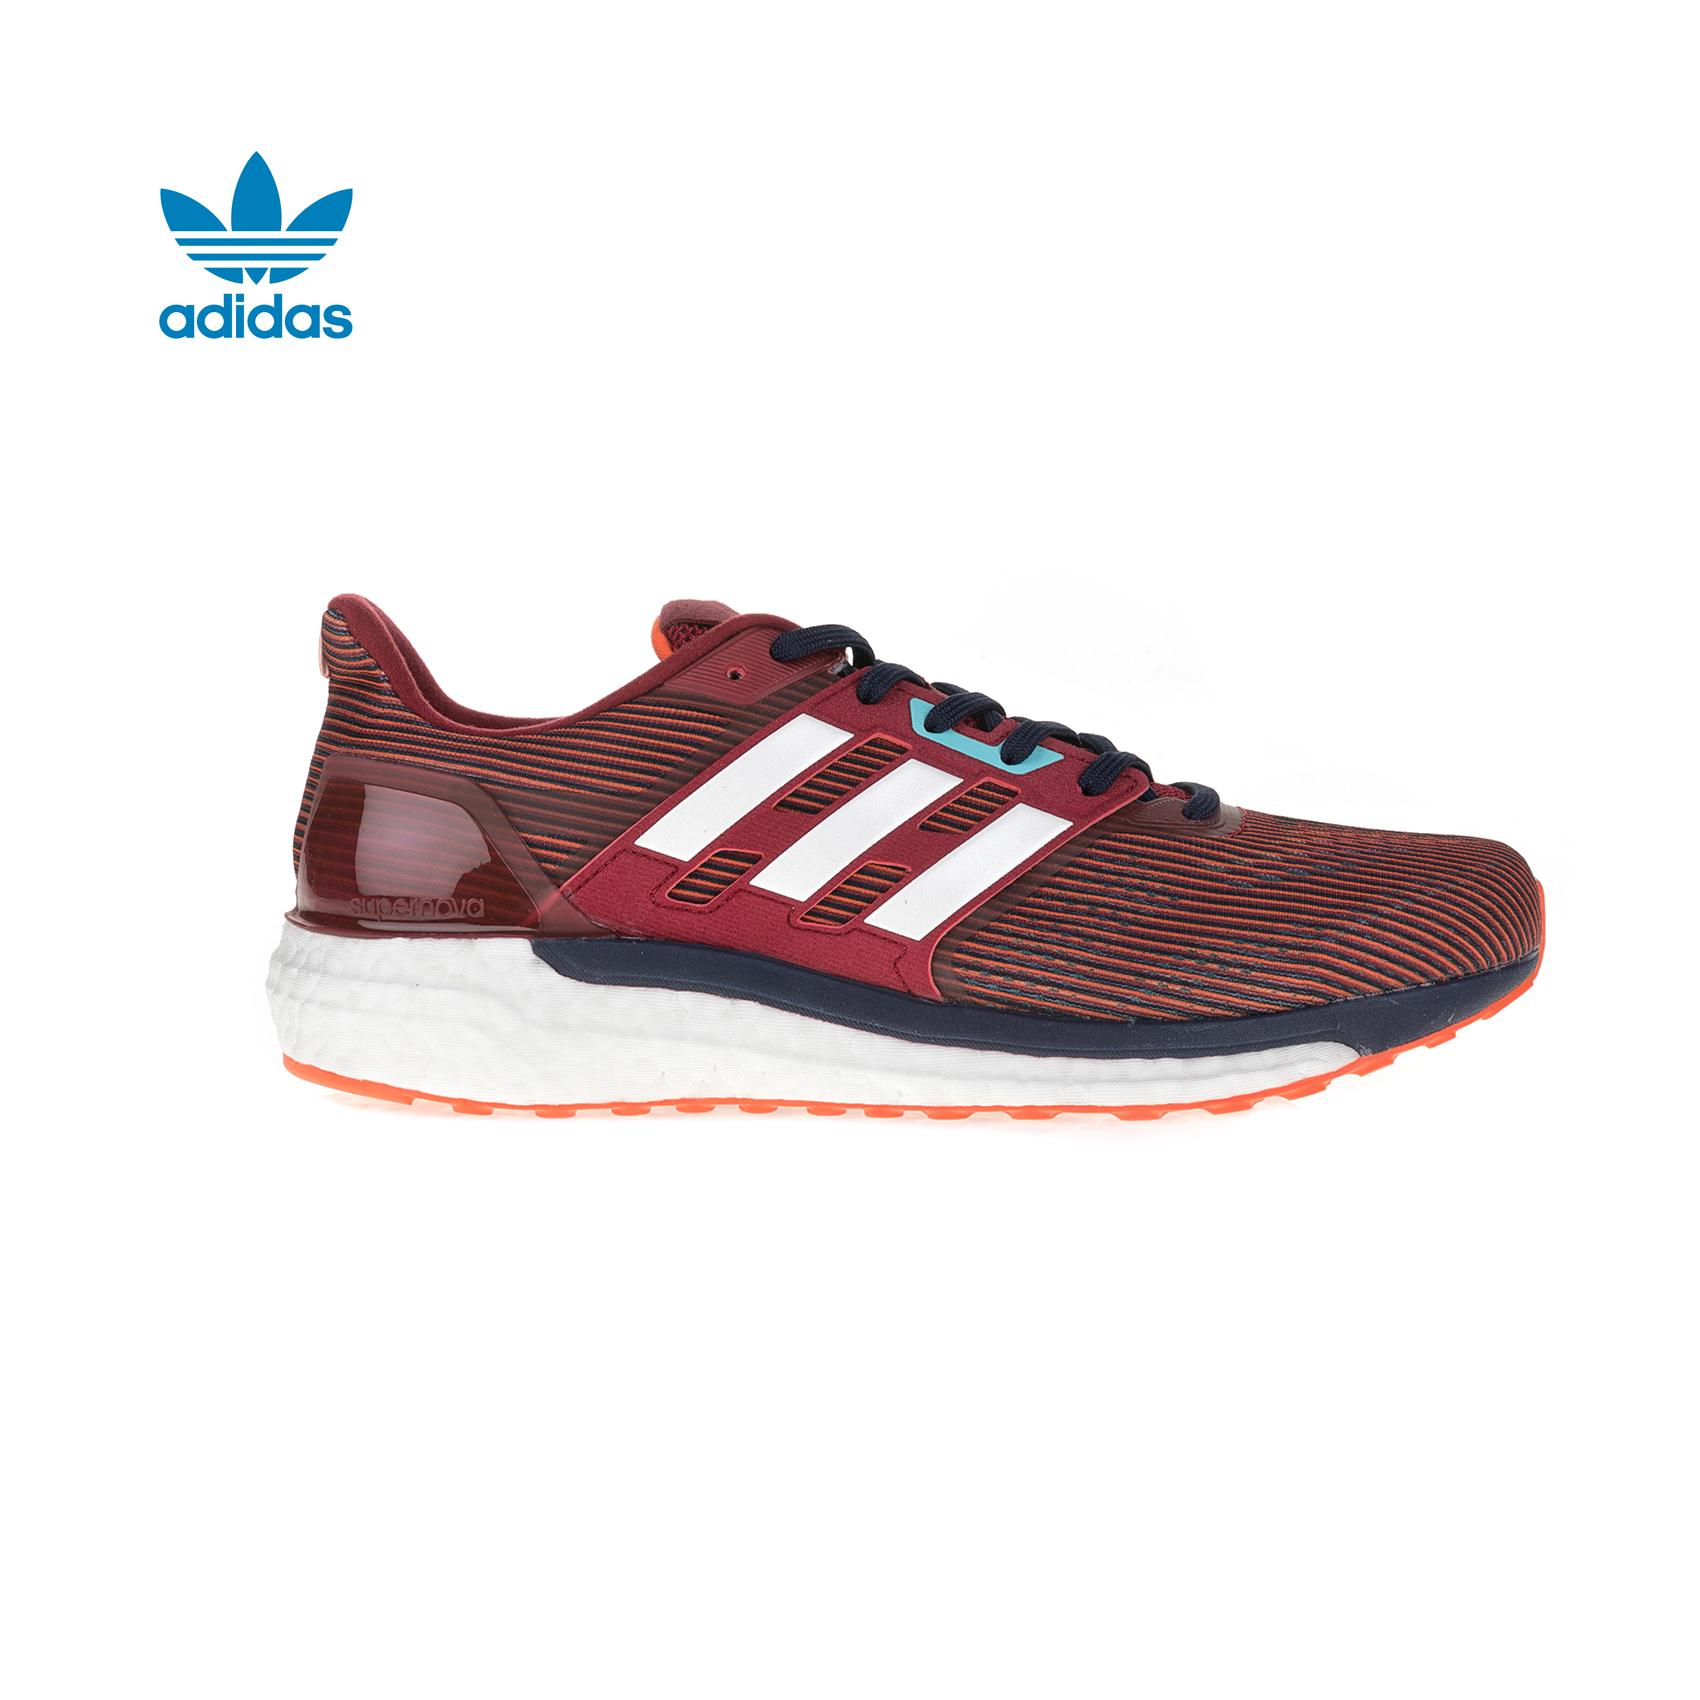 promo code e26c2 f2561 adidas Originals - Ανδρικά παπούτσια adidas supernova κόκκινα